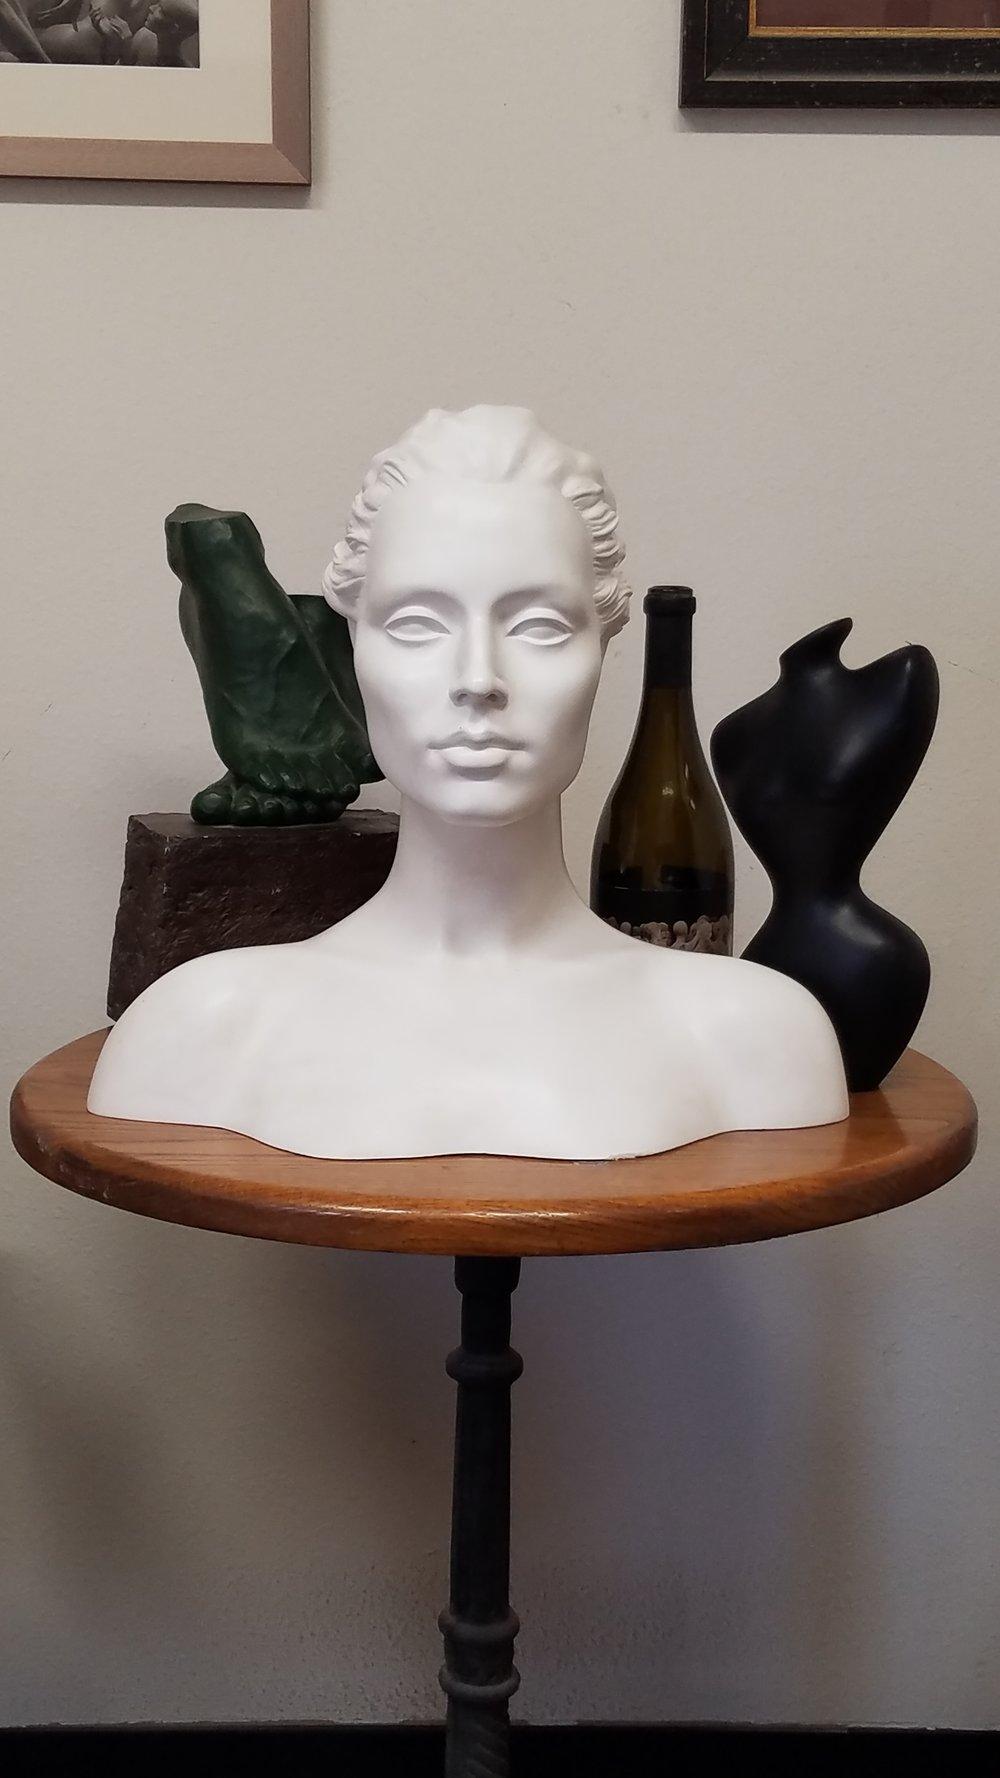 Diana Head Form